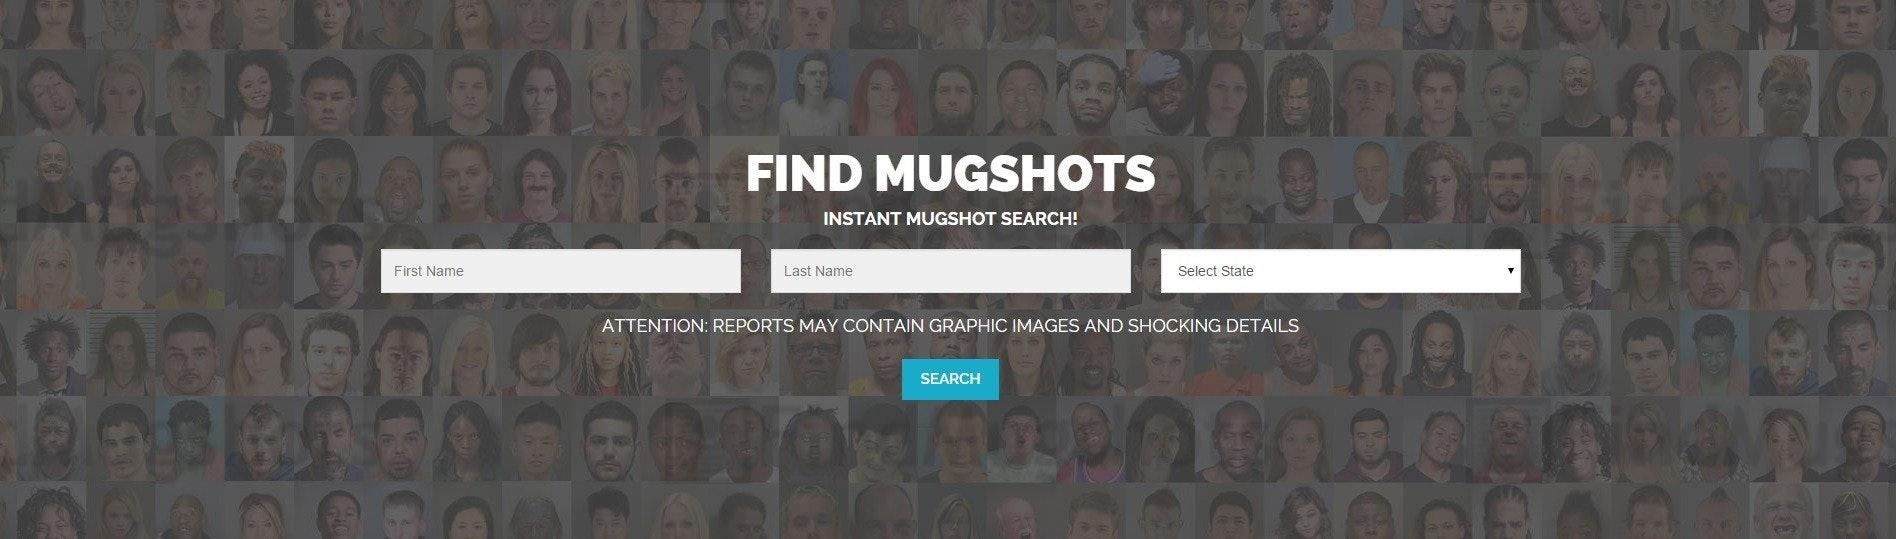 findmugshots.com